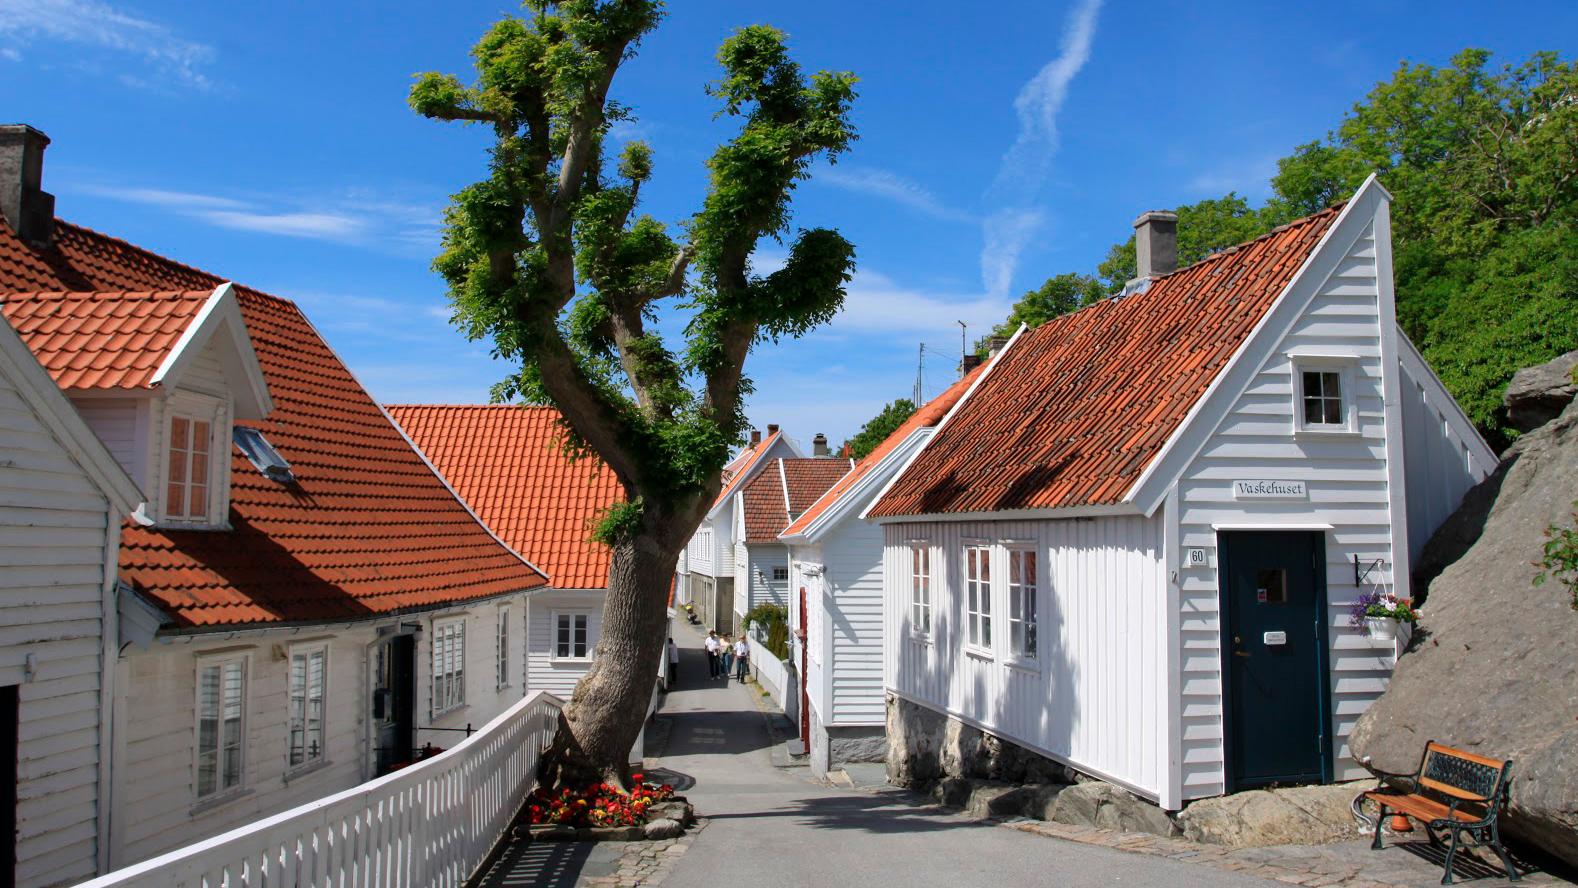 Bilde av en gate i skudeneshavn. Foto er tatt av Ørjan B. Iversen, Riksantikvaren